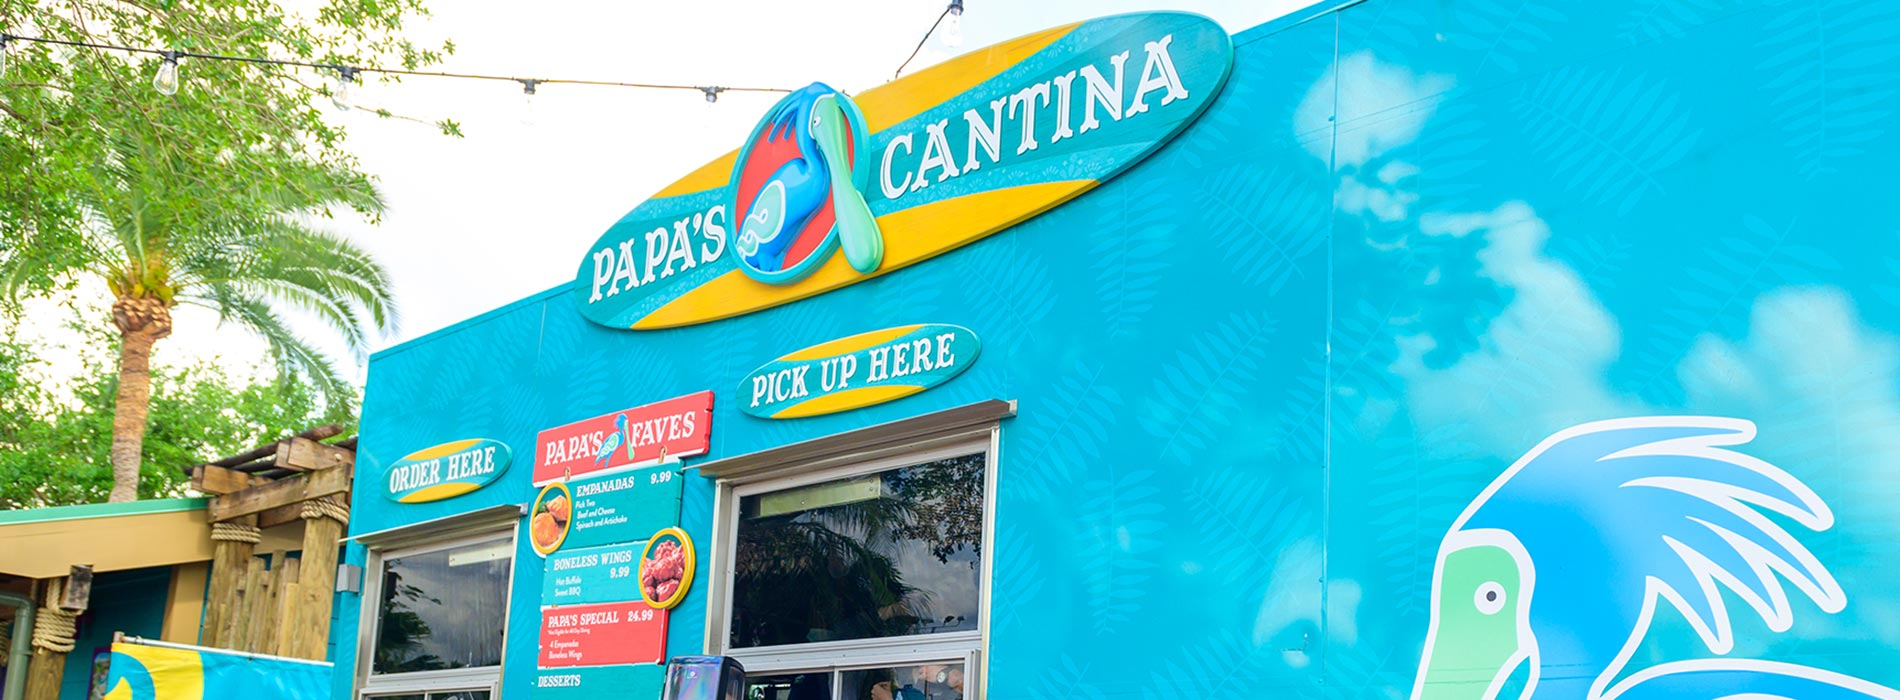 Papas Cantina at Aquatica Orlando